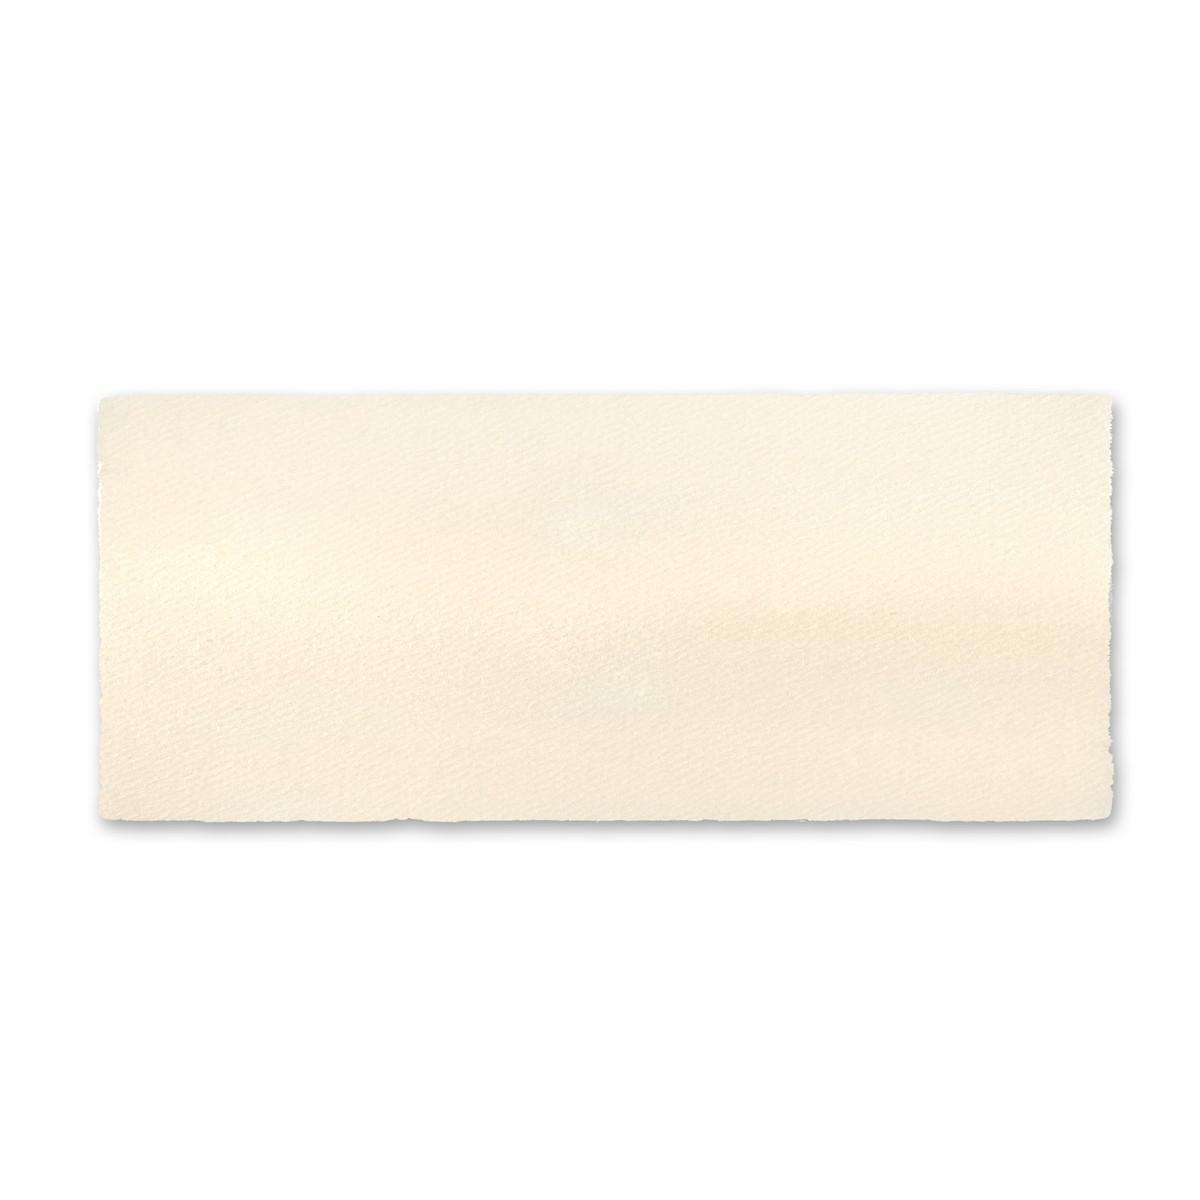 """Arturo Soft White Tea Length Cards (650TC) 97# Cover (4 1/8"""" x 9 1/8"""") Pack of 50"""